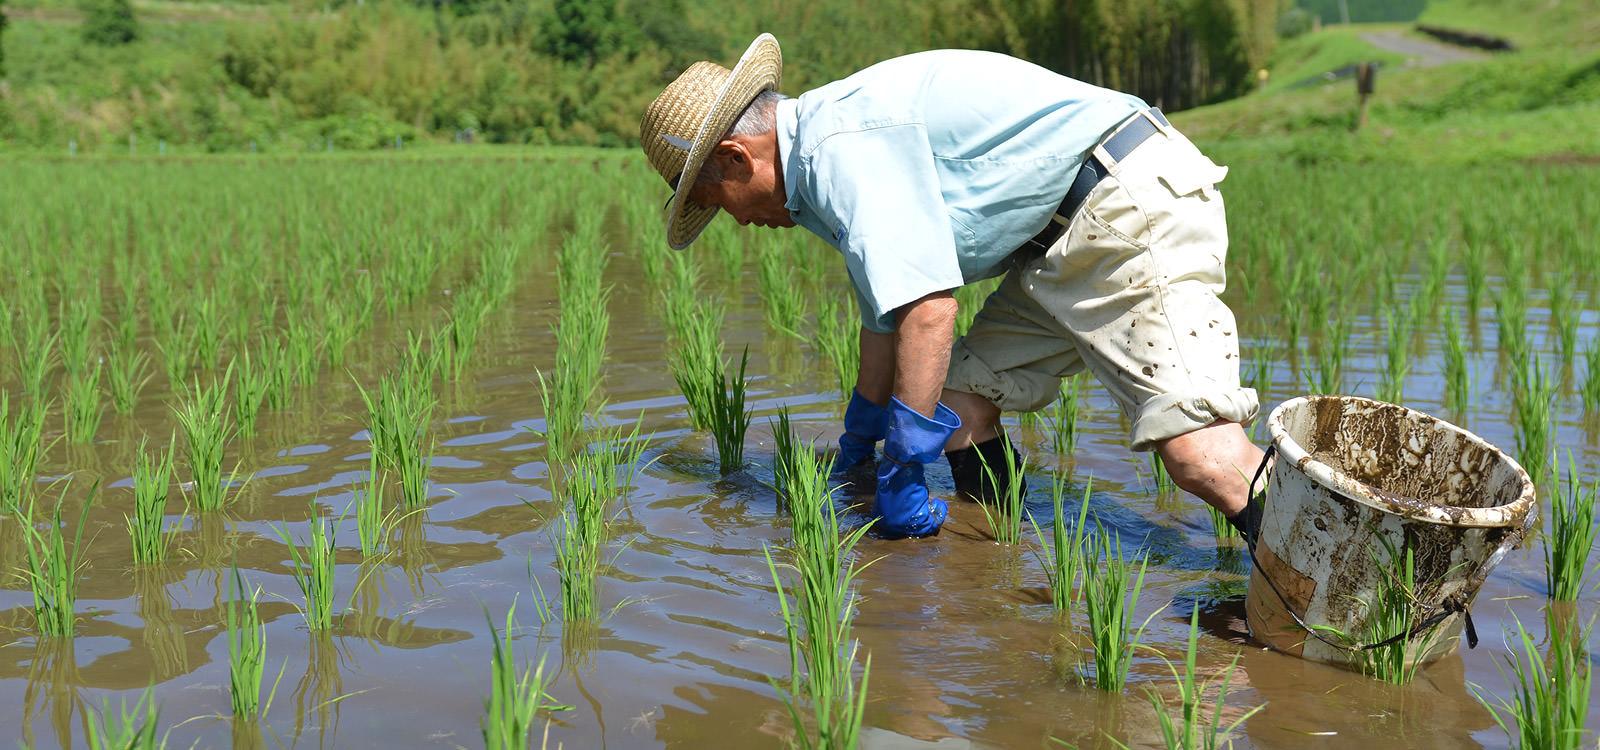 コナギを手除草で取り除く。